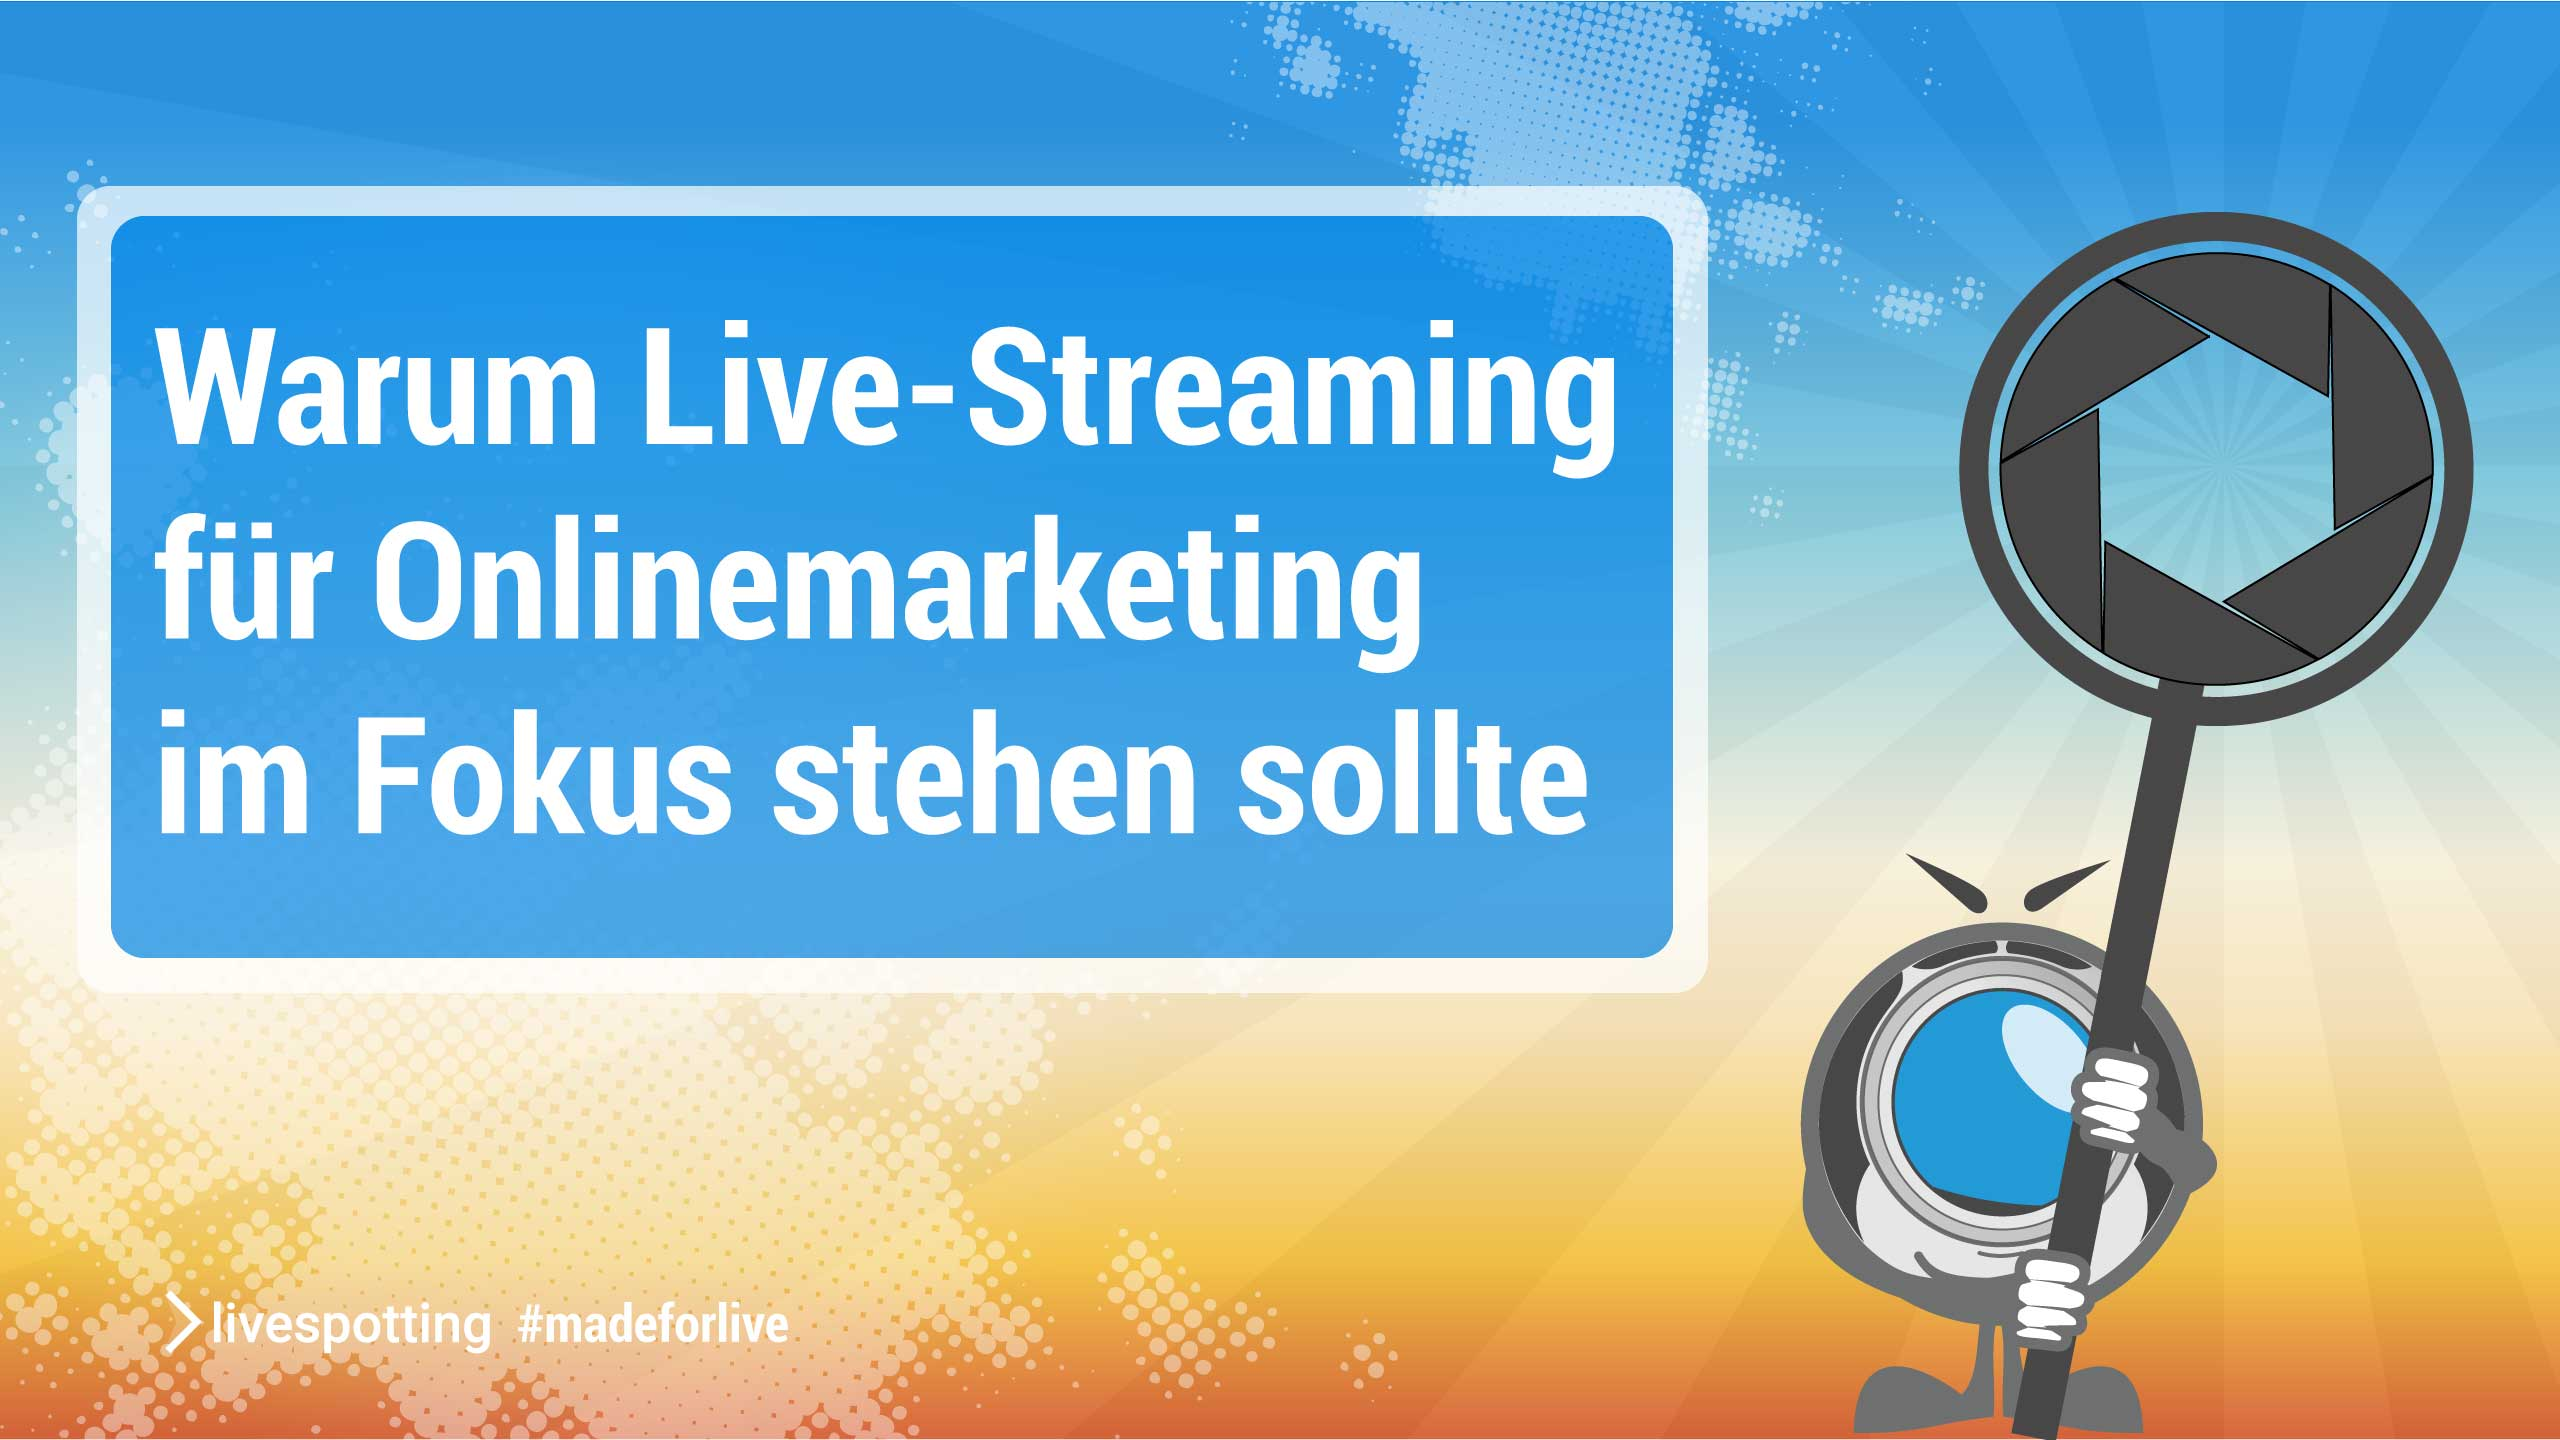 In jeder Online-Marketingstrategie  sollte Live-Streaming einen festen Platz haben. Kein Medium ist näher am Puls der Zeit und generiert mehr Umsatz.